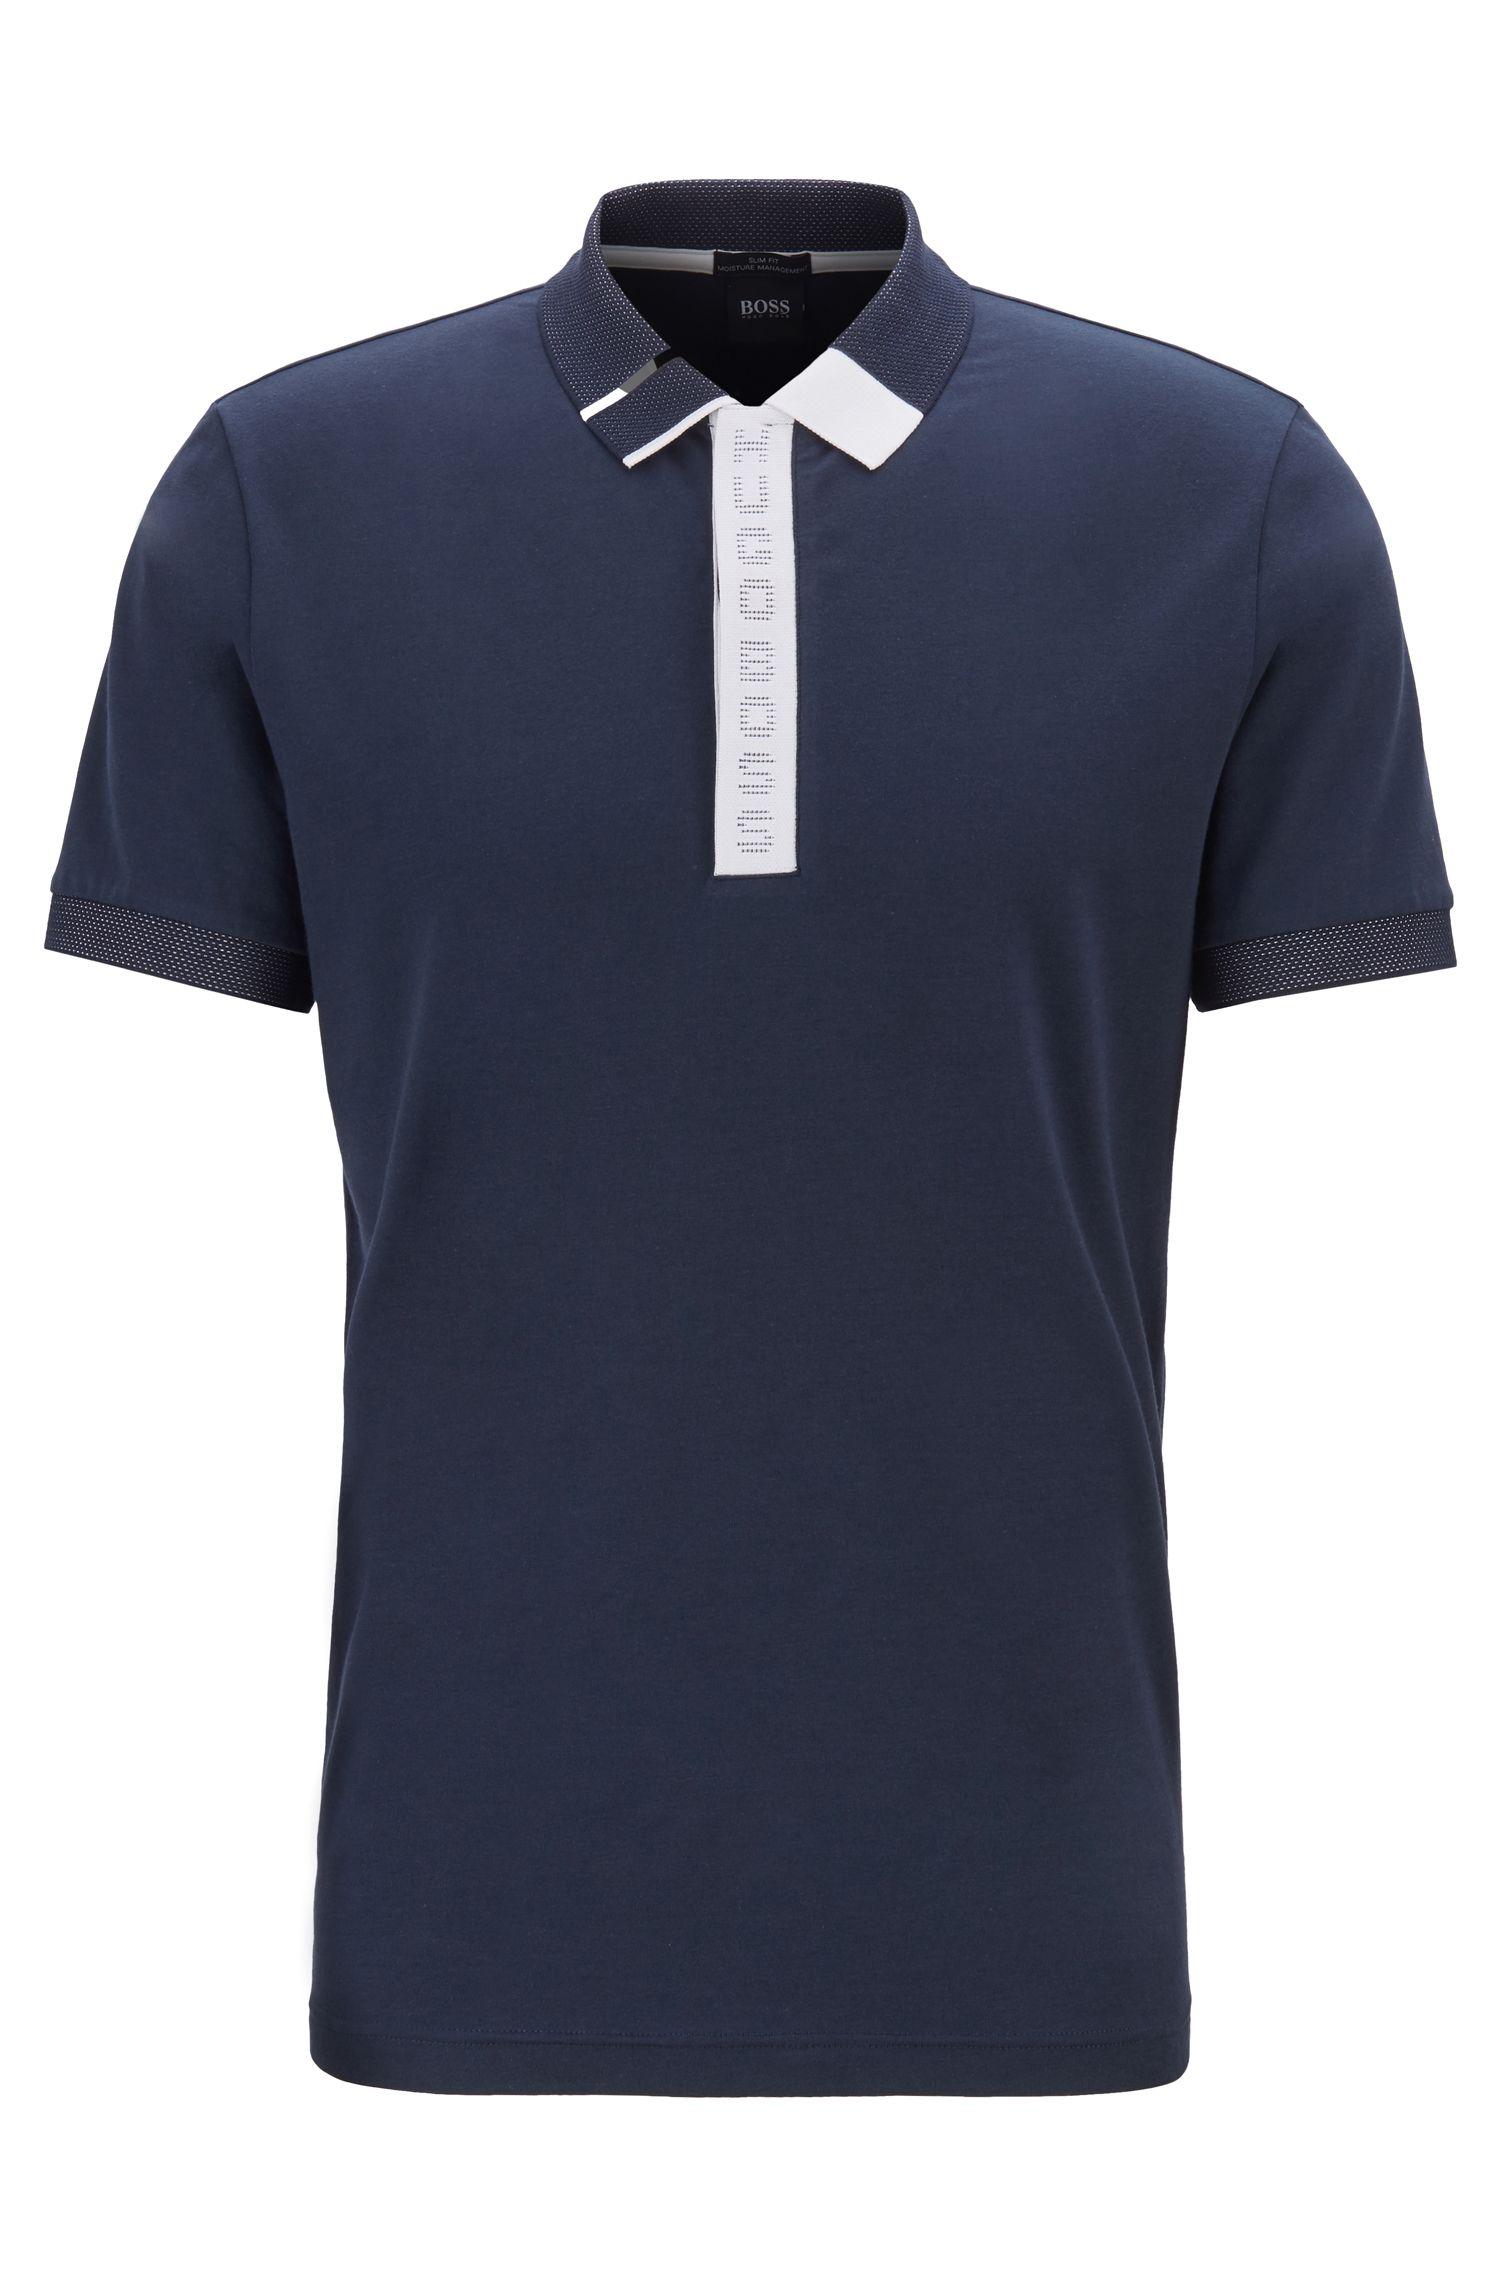 Slim-fit poloshirt met logo aan de sluiting en S.Café®, Donkerblauw